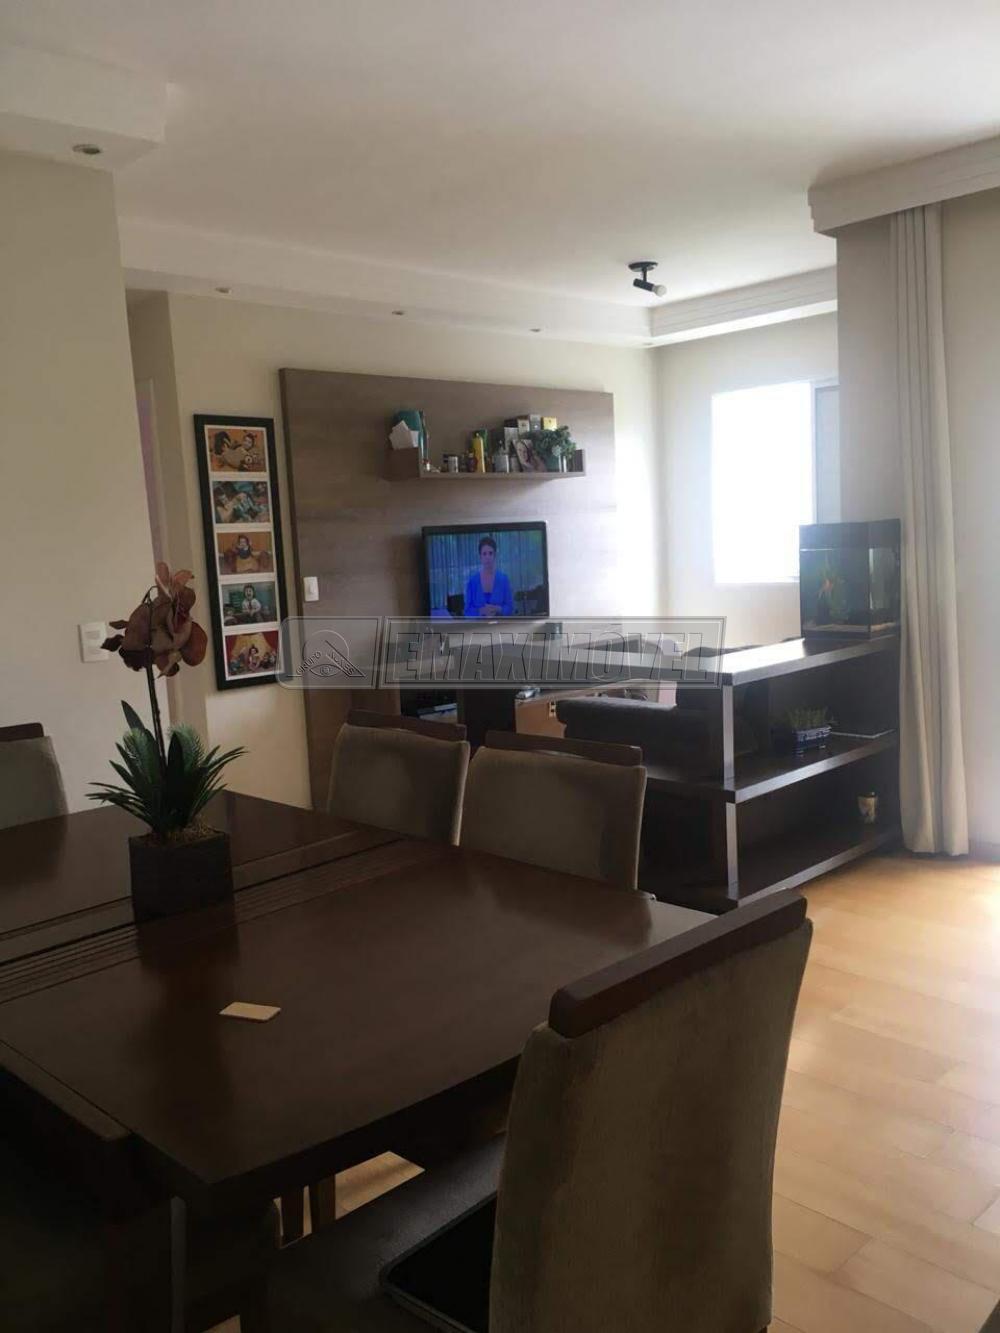 Comprar Apartamentos / Apto Padrão em Sorocaba apenas R$ 265.000,00 - Foto 5